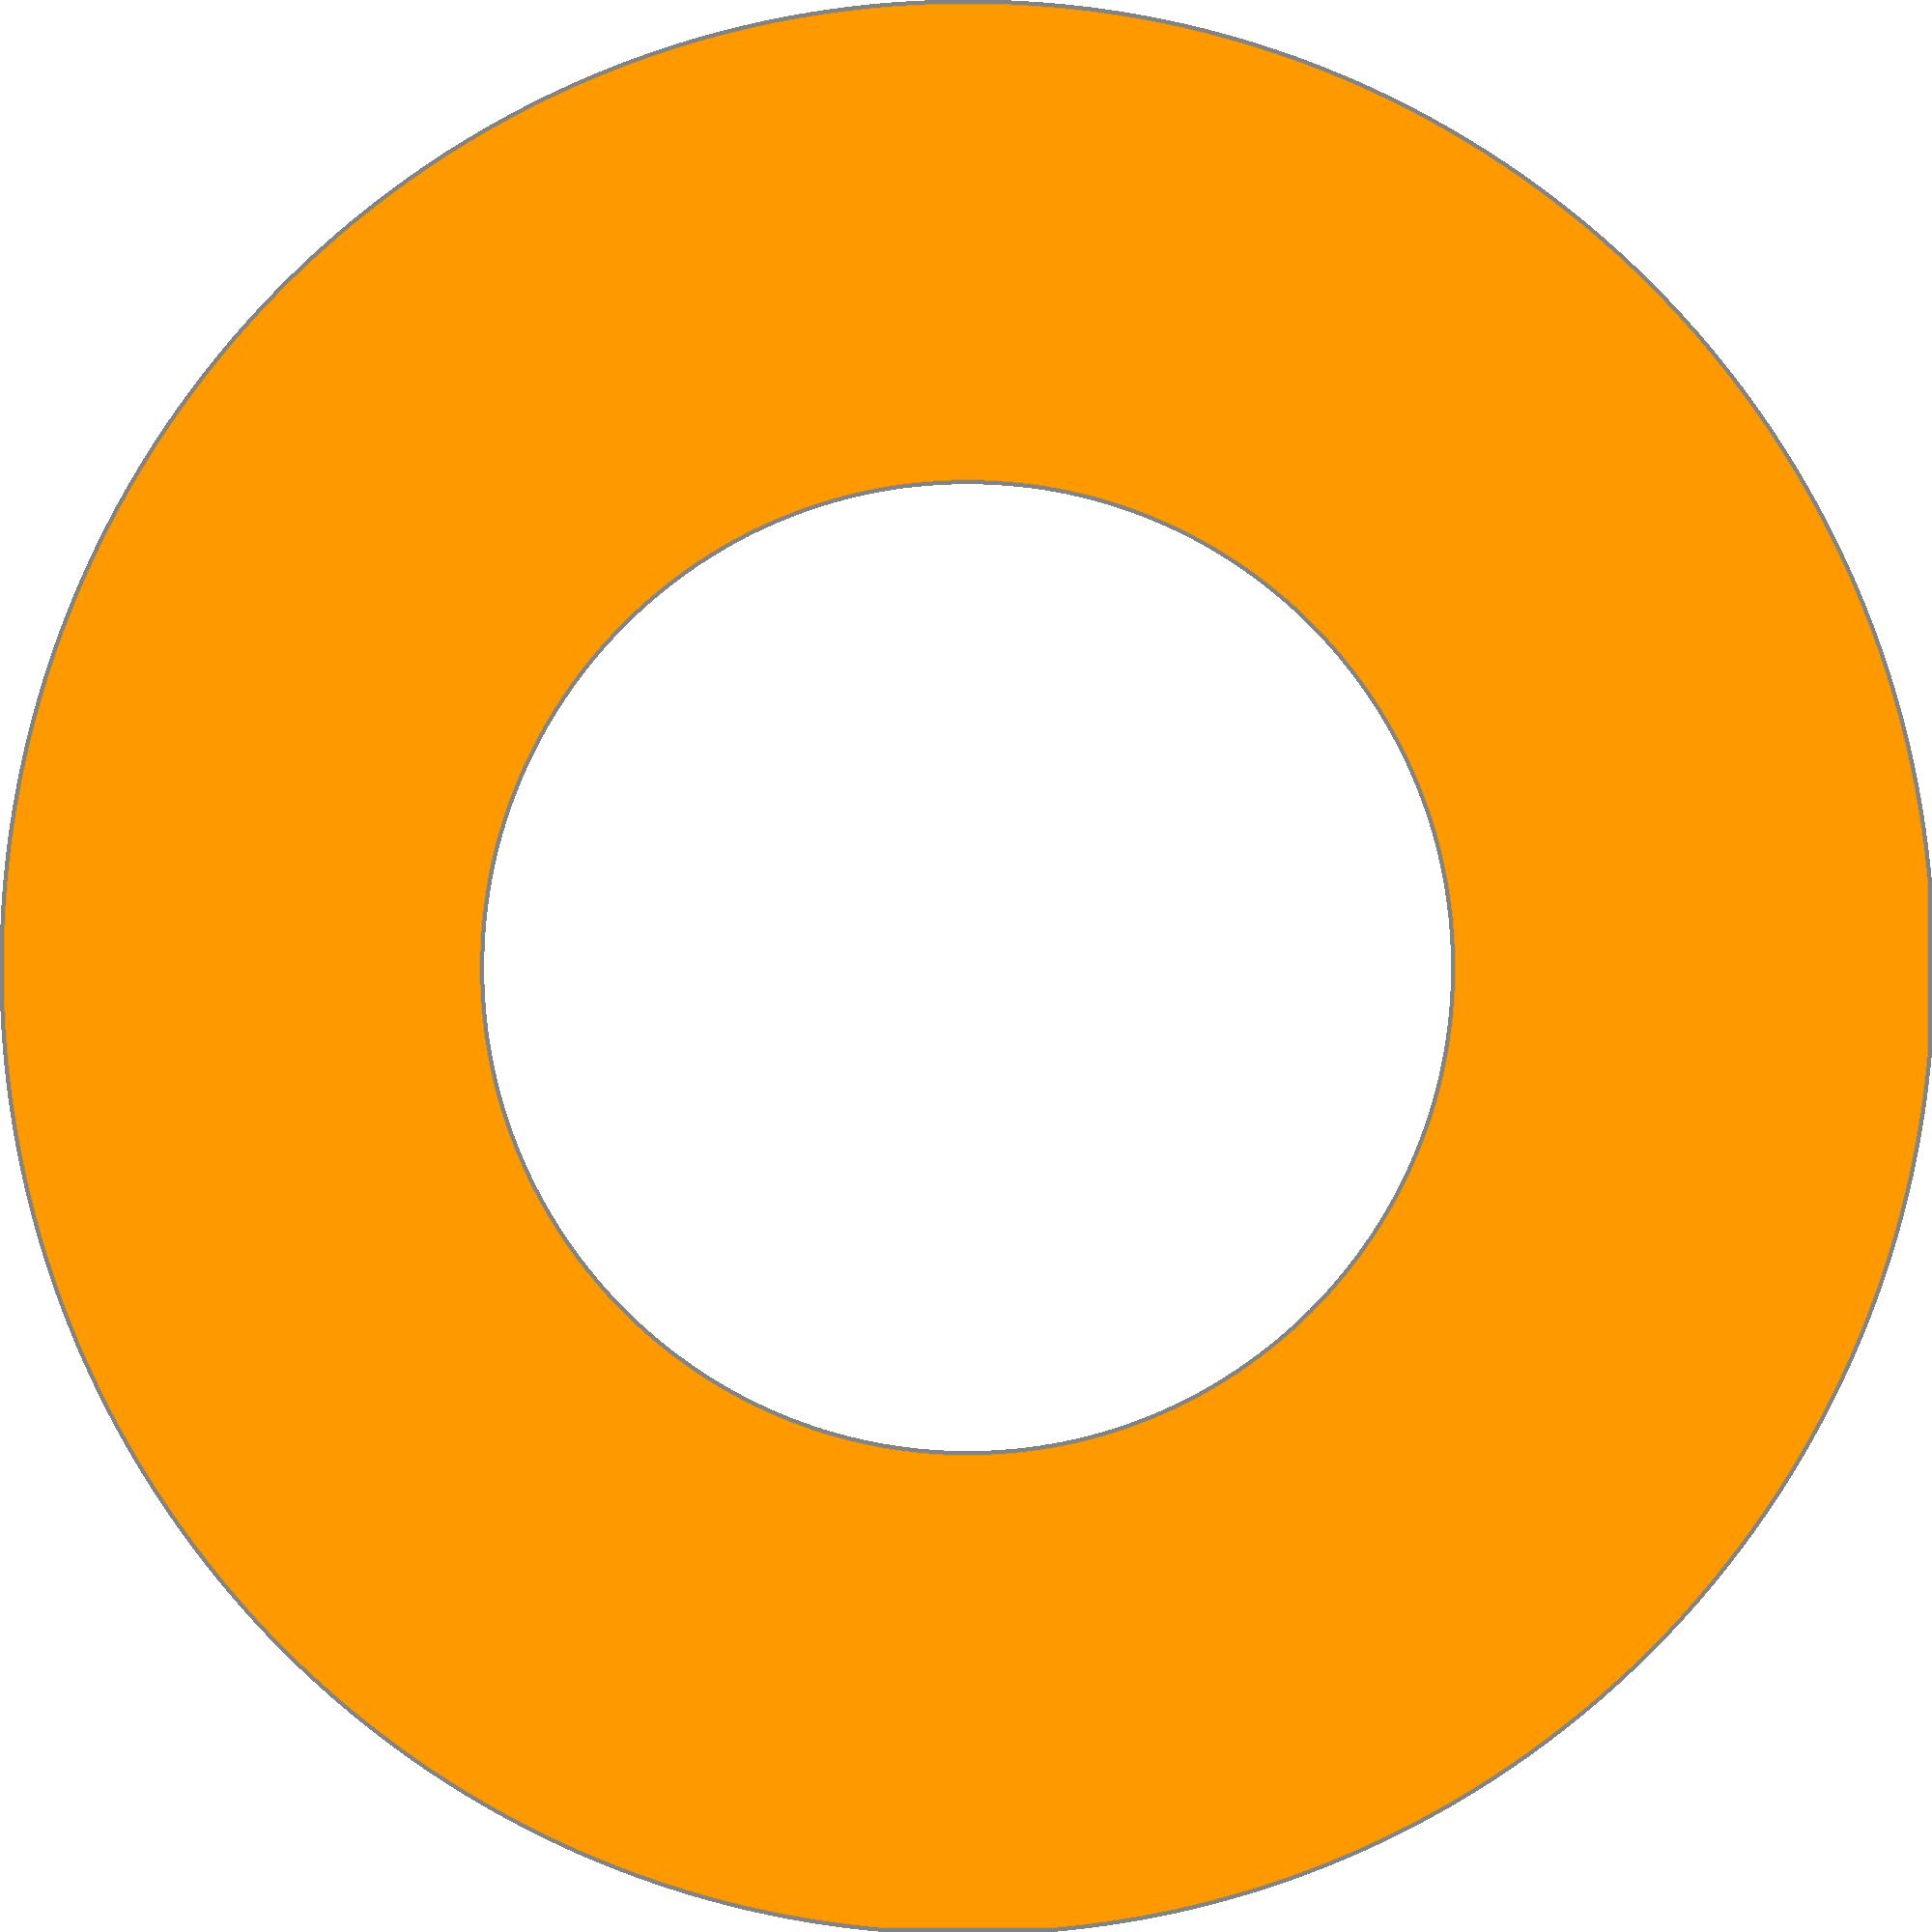 File:Orange circle.png.